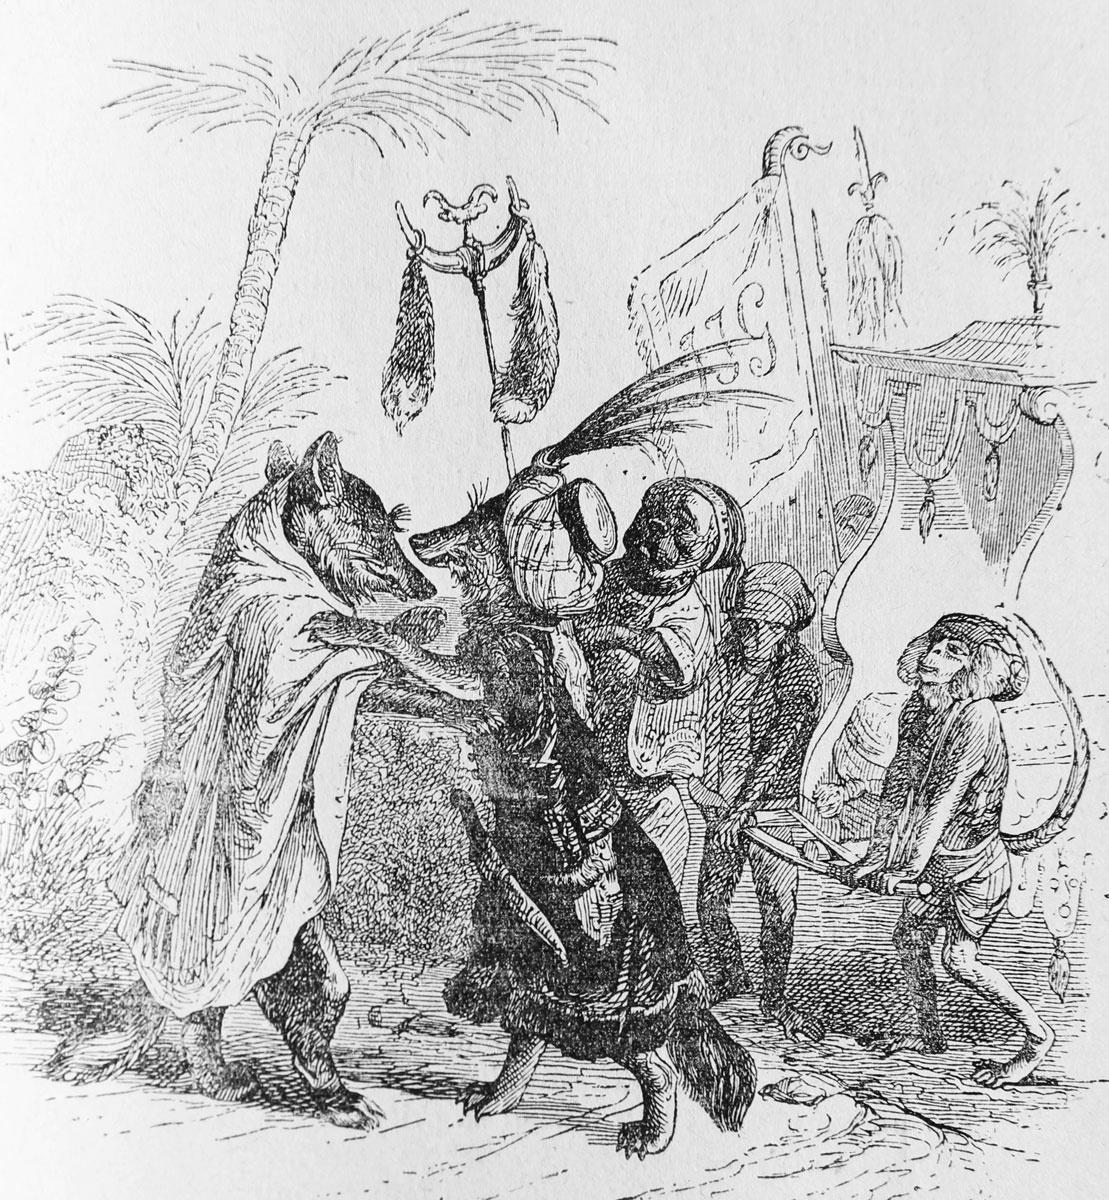 Жан Иньяс Изидор (Жерар) Гранвиль. Ряженые лисицы. Иллюстрации к басням Лафонтена